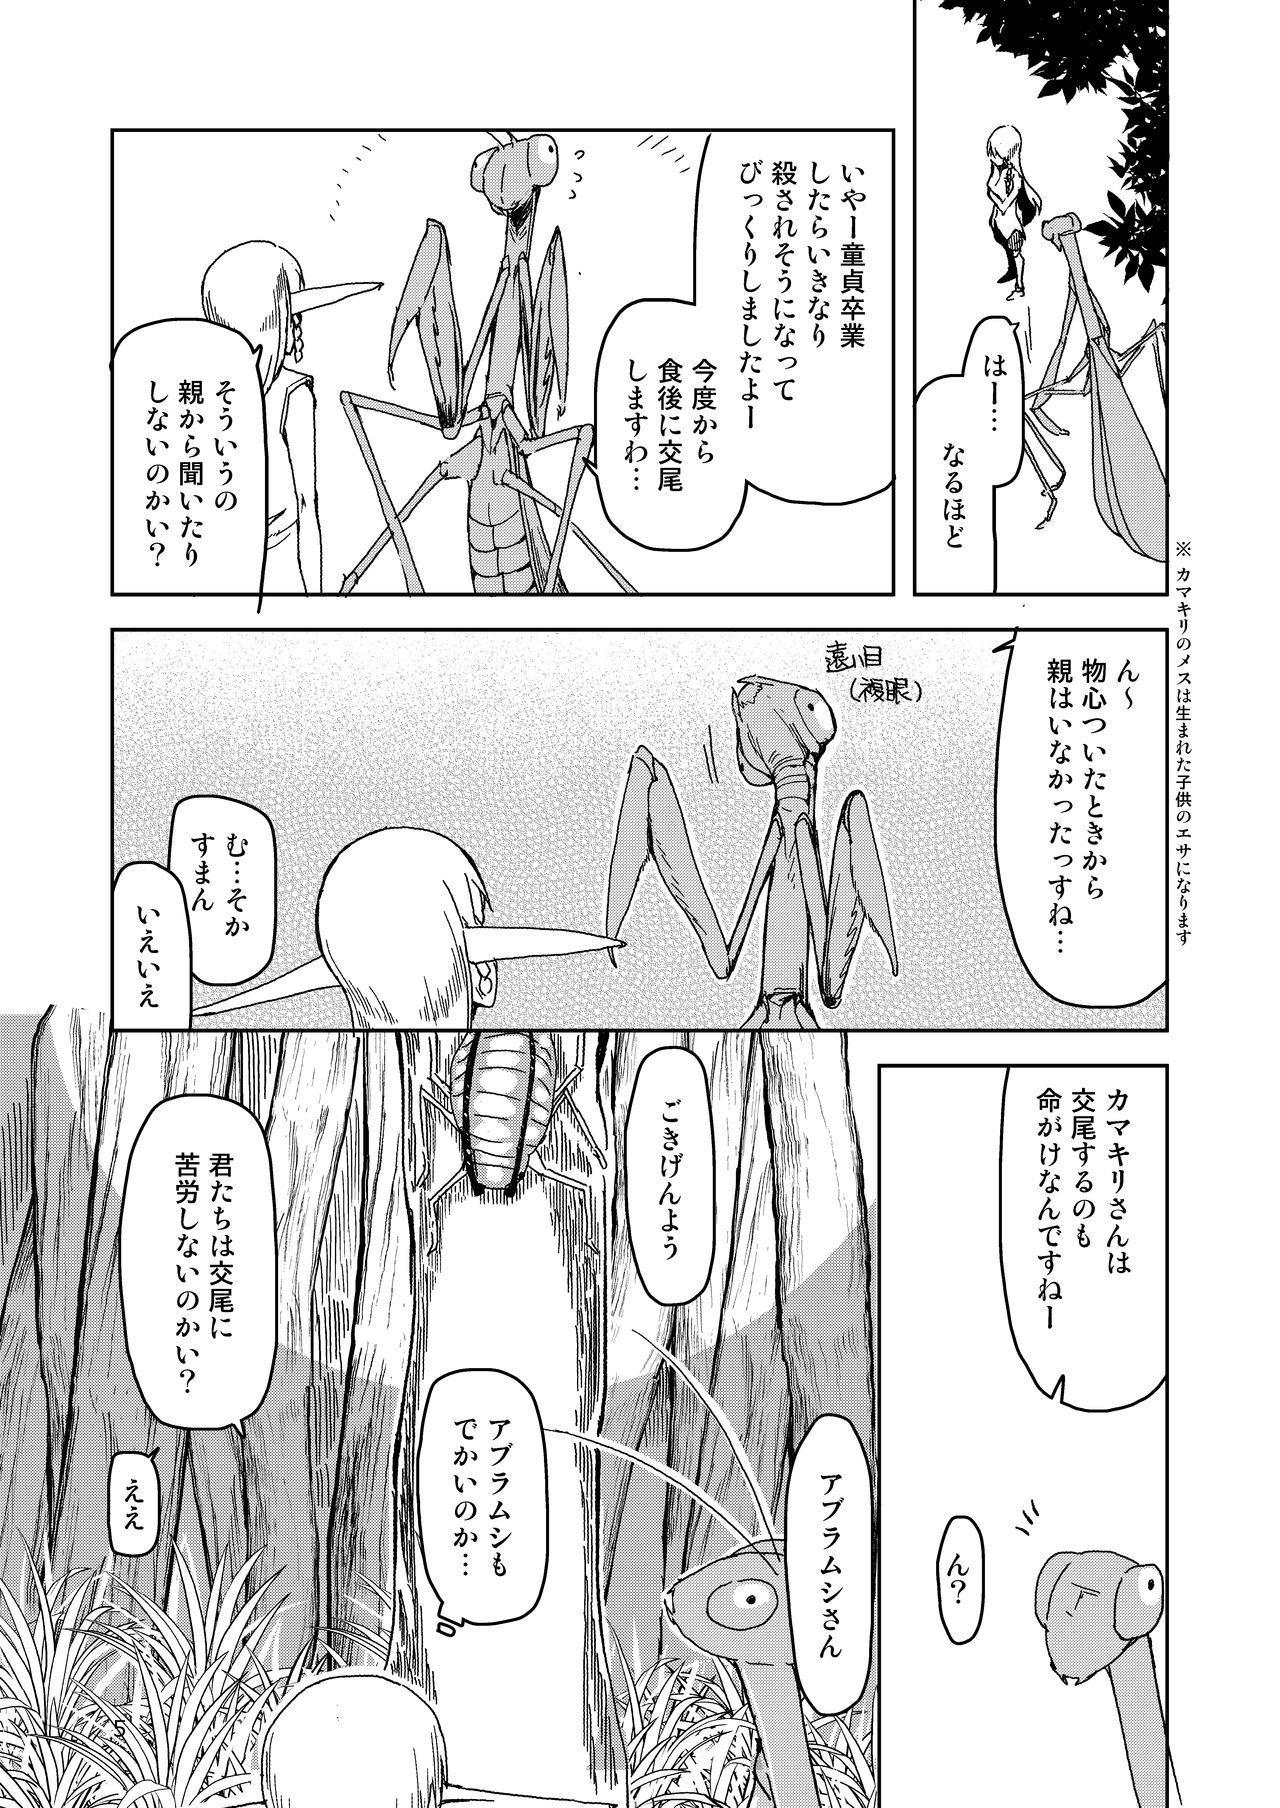 Dosukebe Elf no Ishukan Nikki Matome 2 5